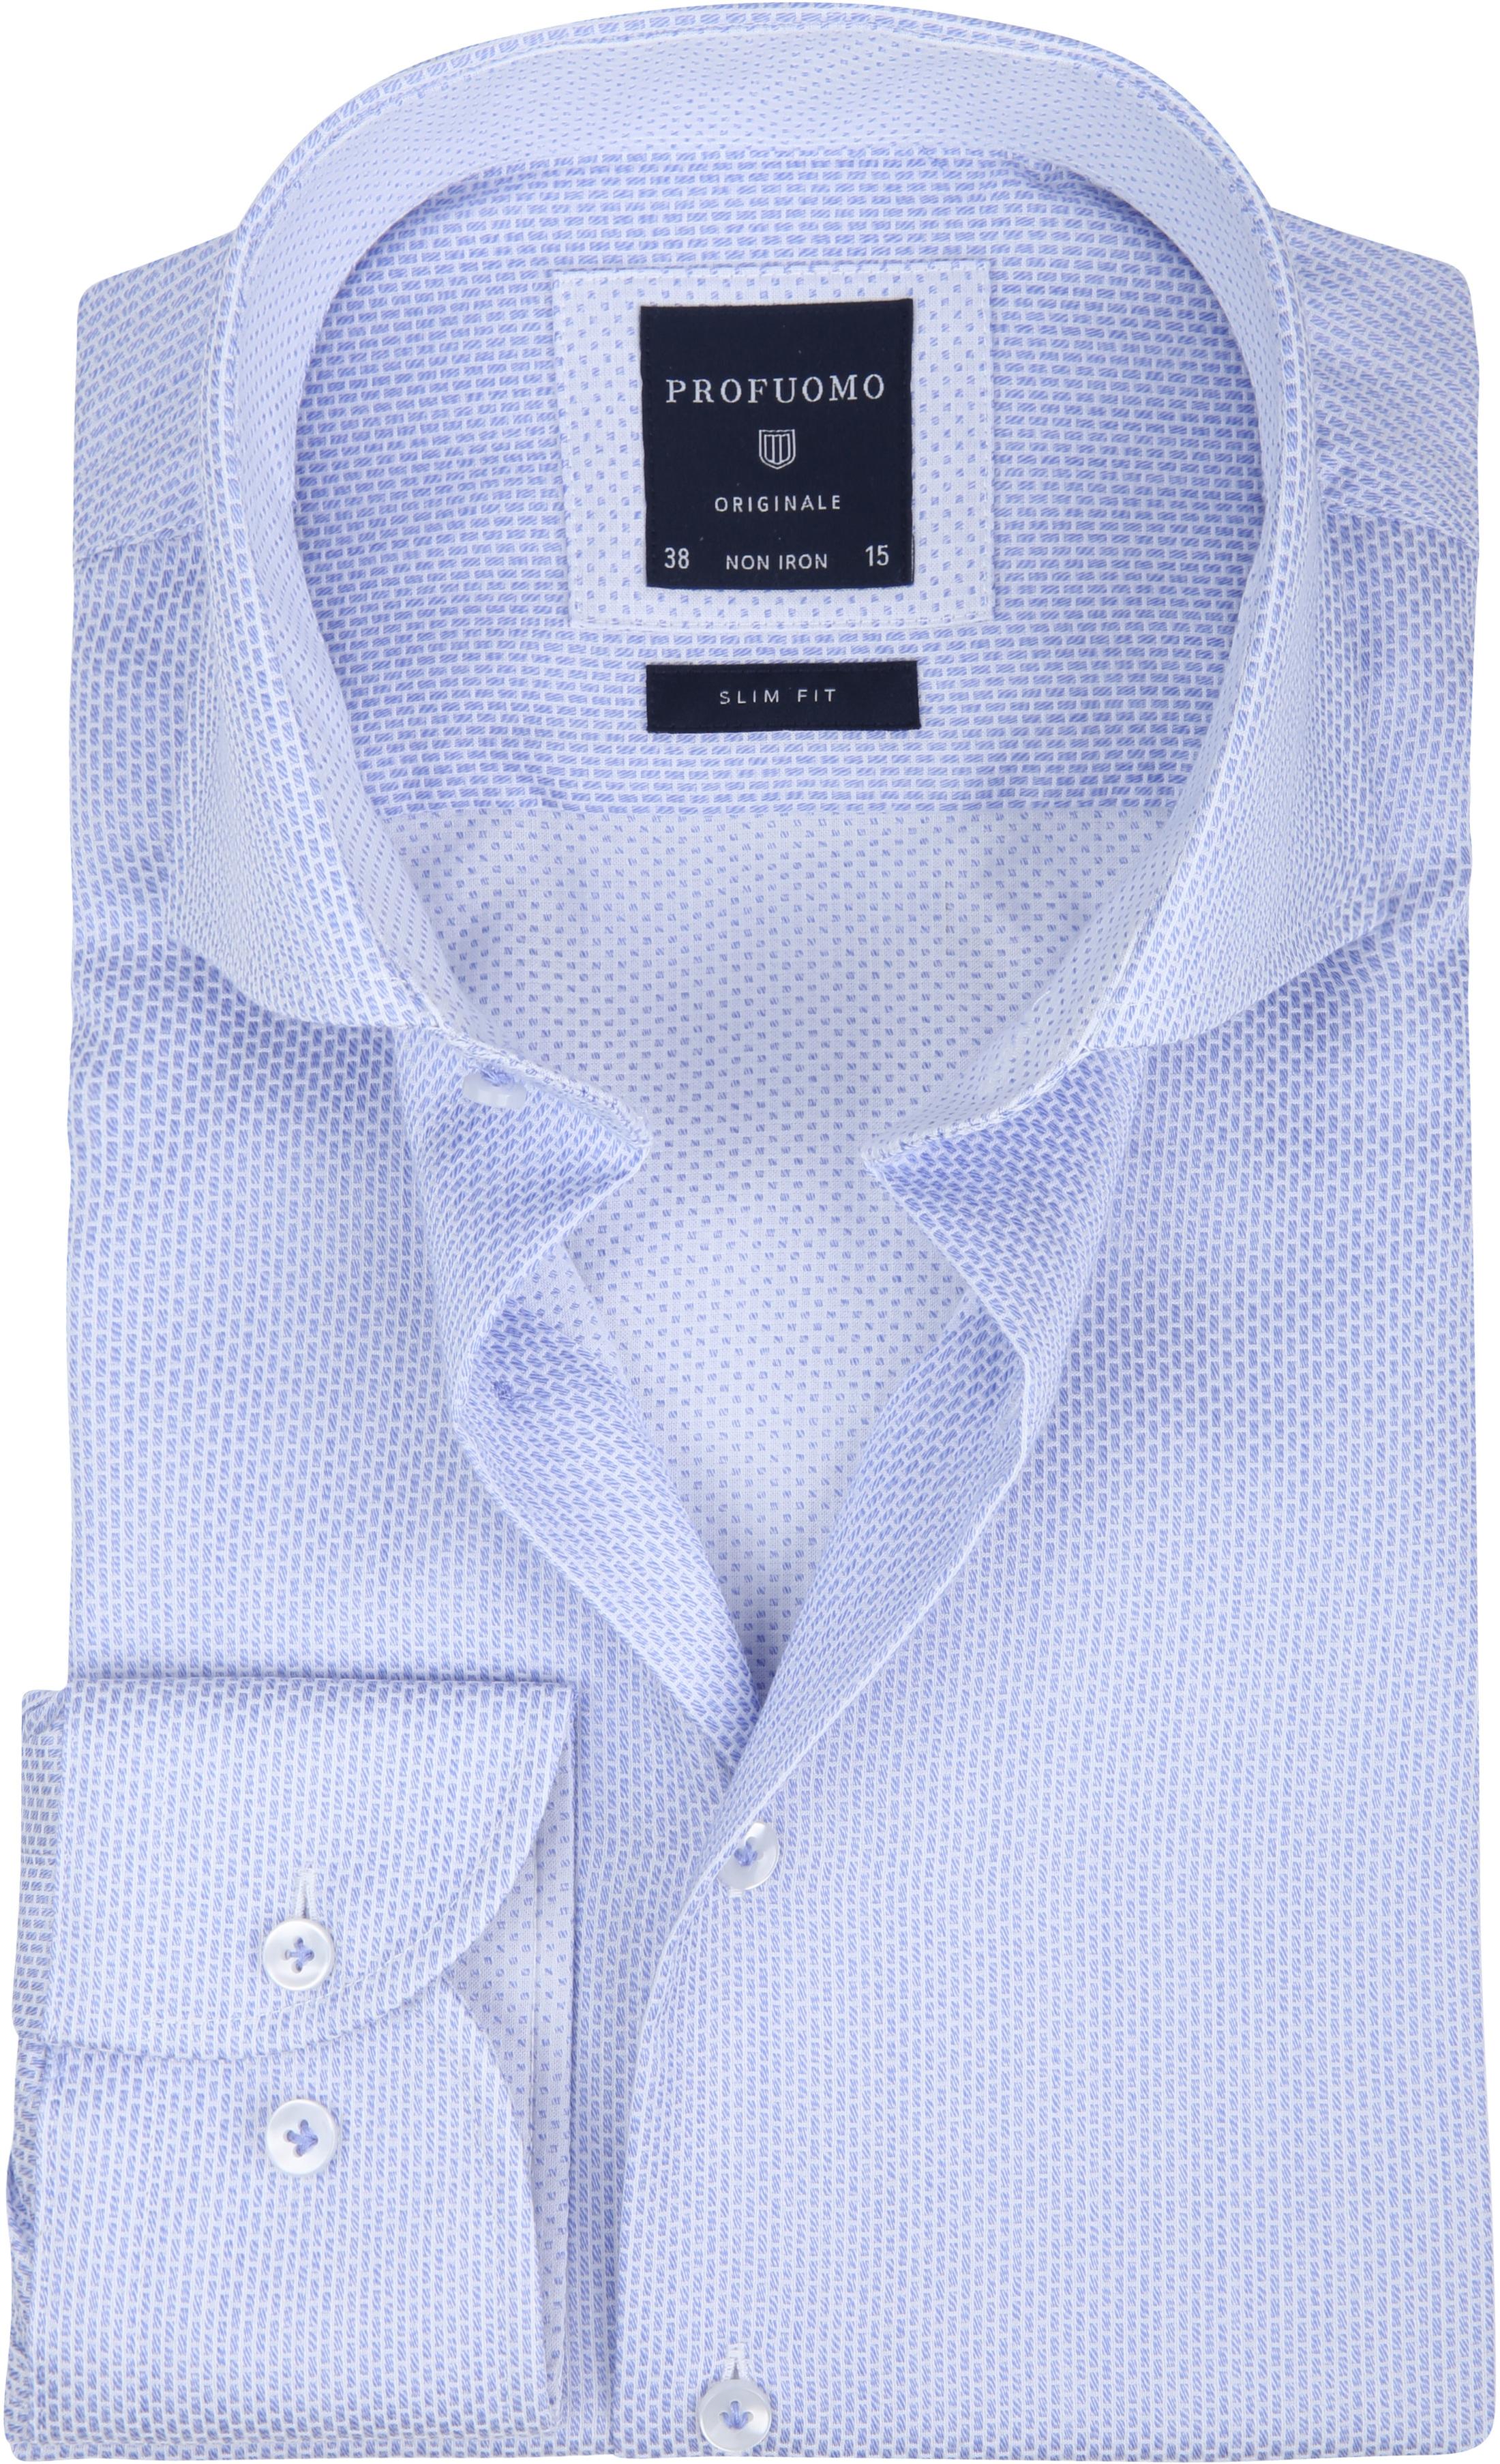 Profuomo Overhemd Dessin Blue foto 0